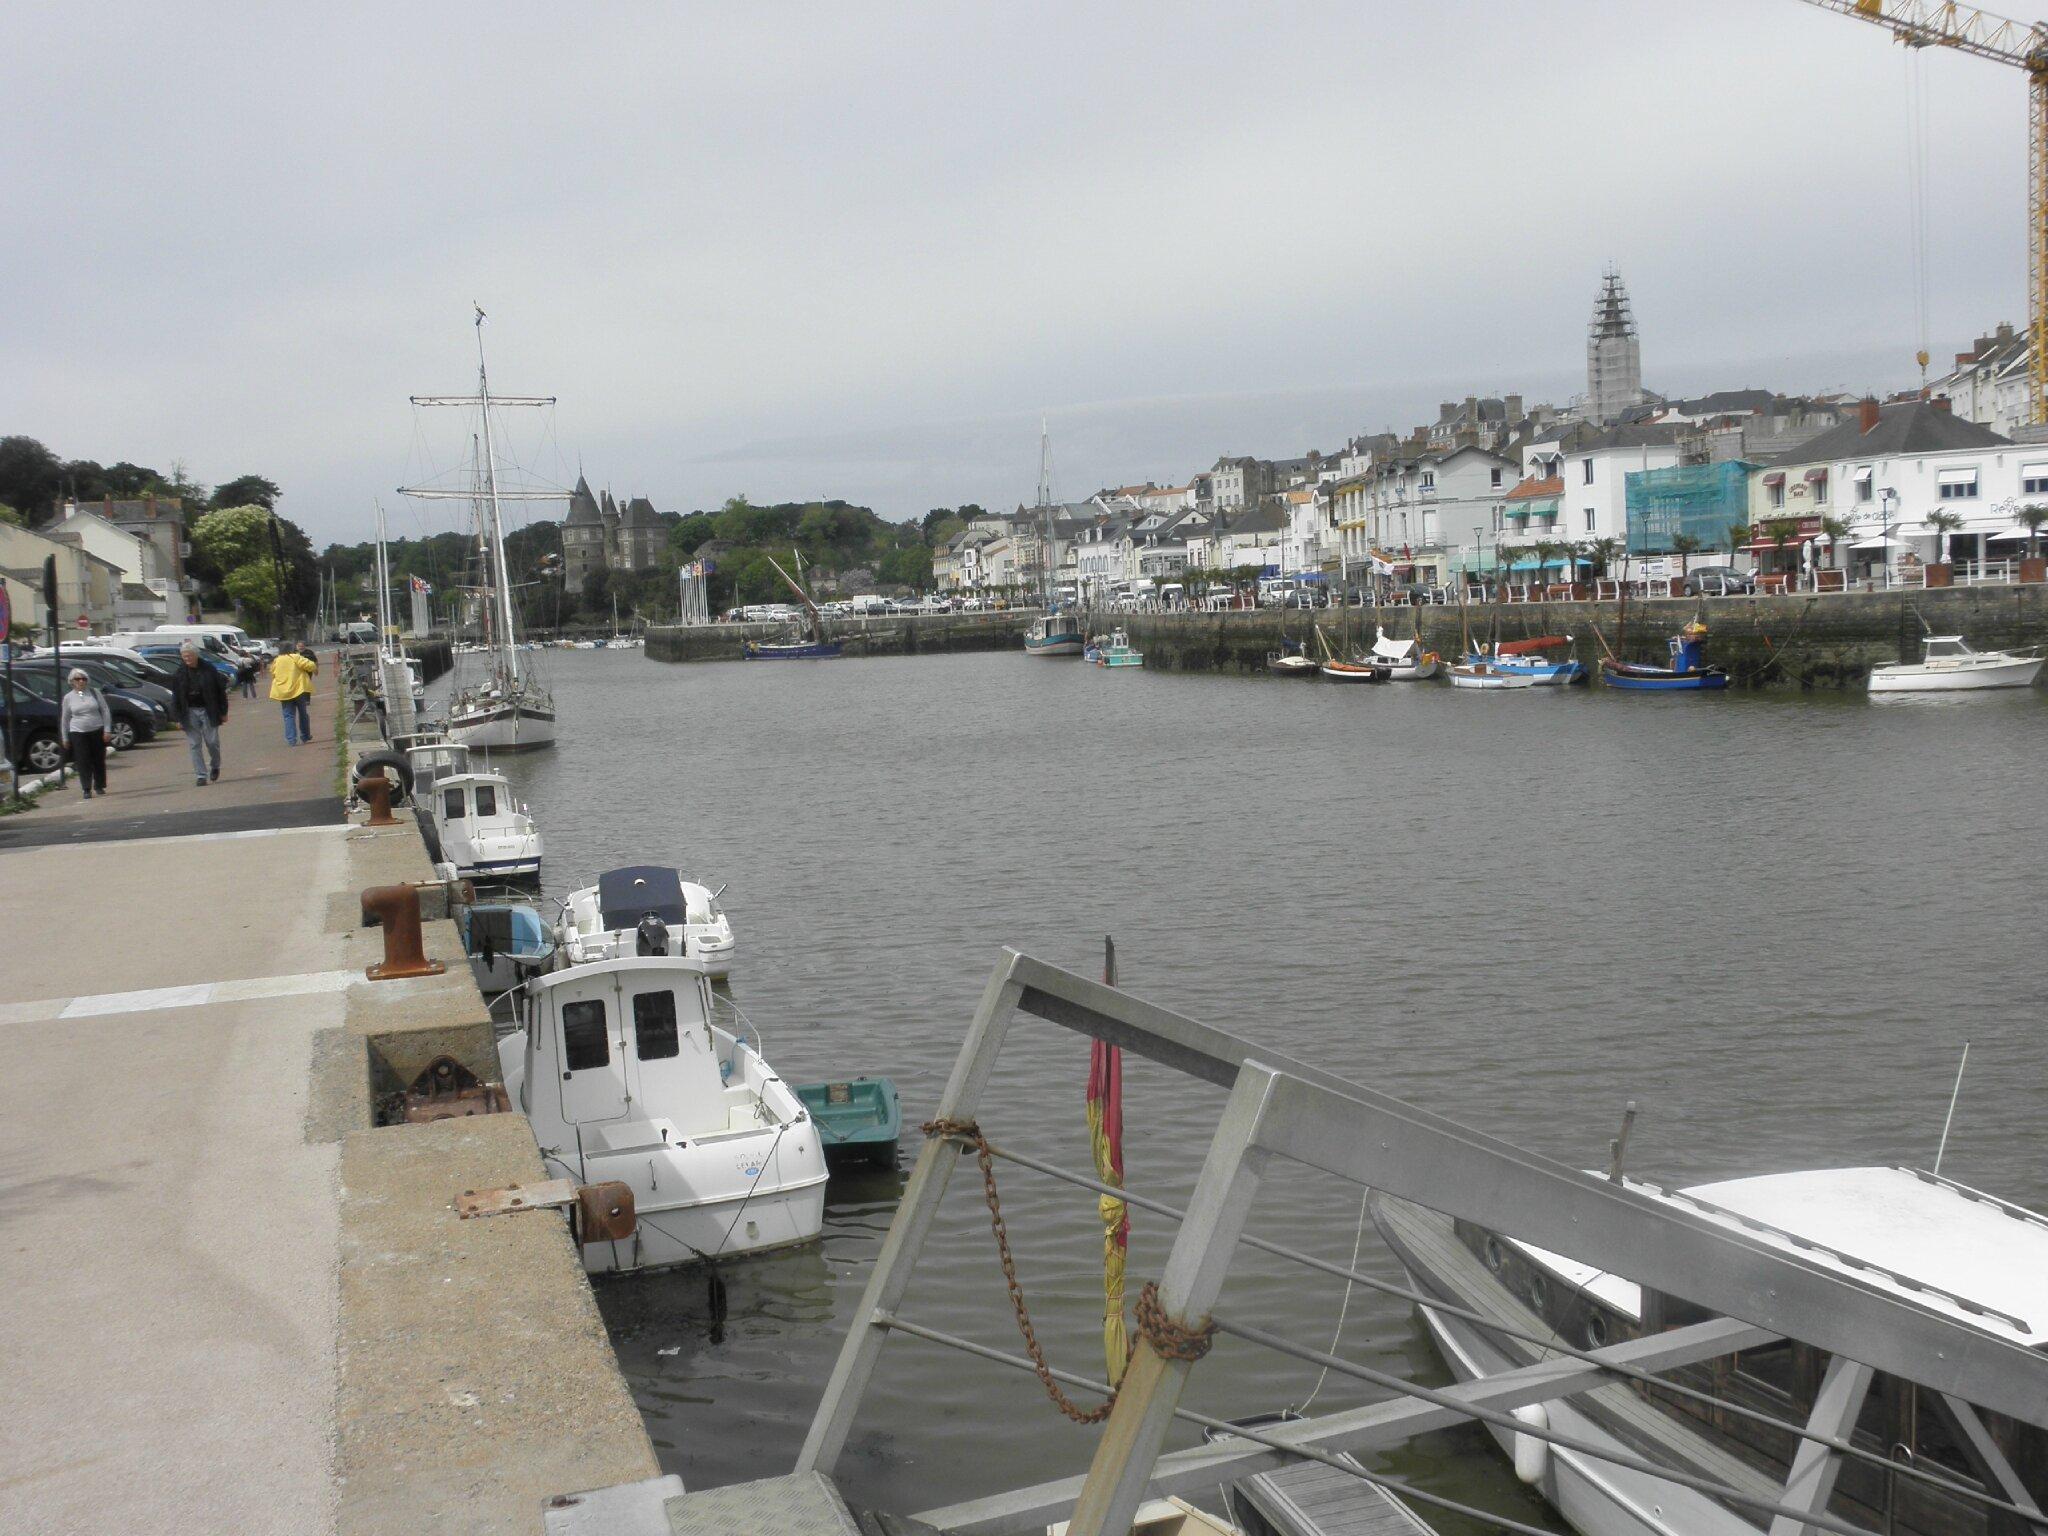 Pornic, le port, son château où à vécu Gilles de Rais allas Barb bleu au quinzième siècle.....